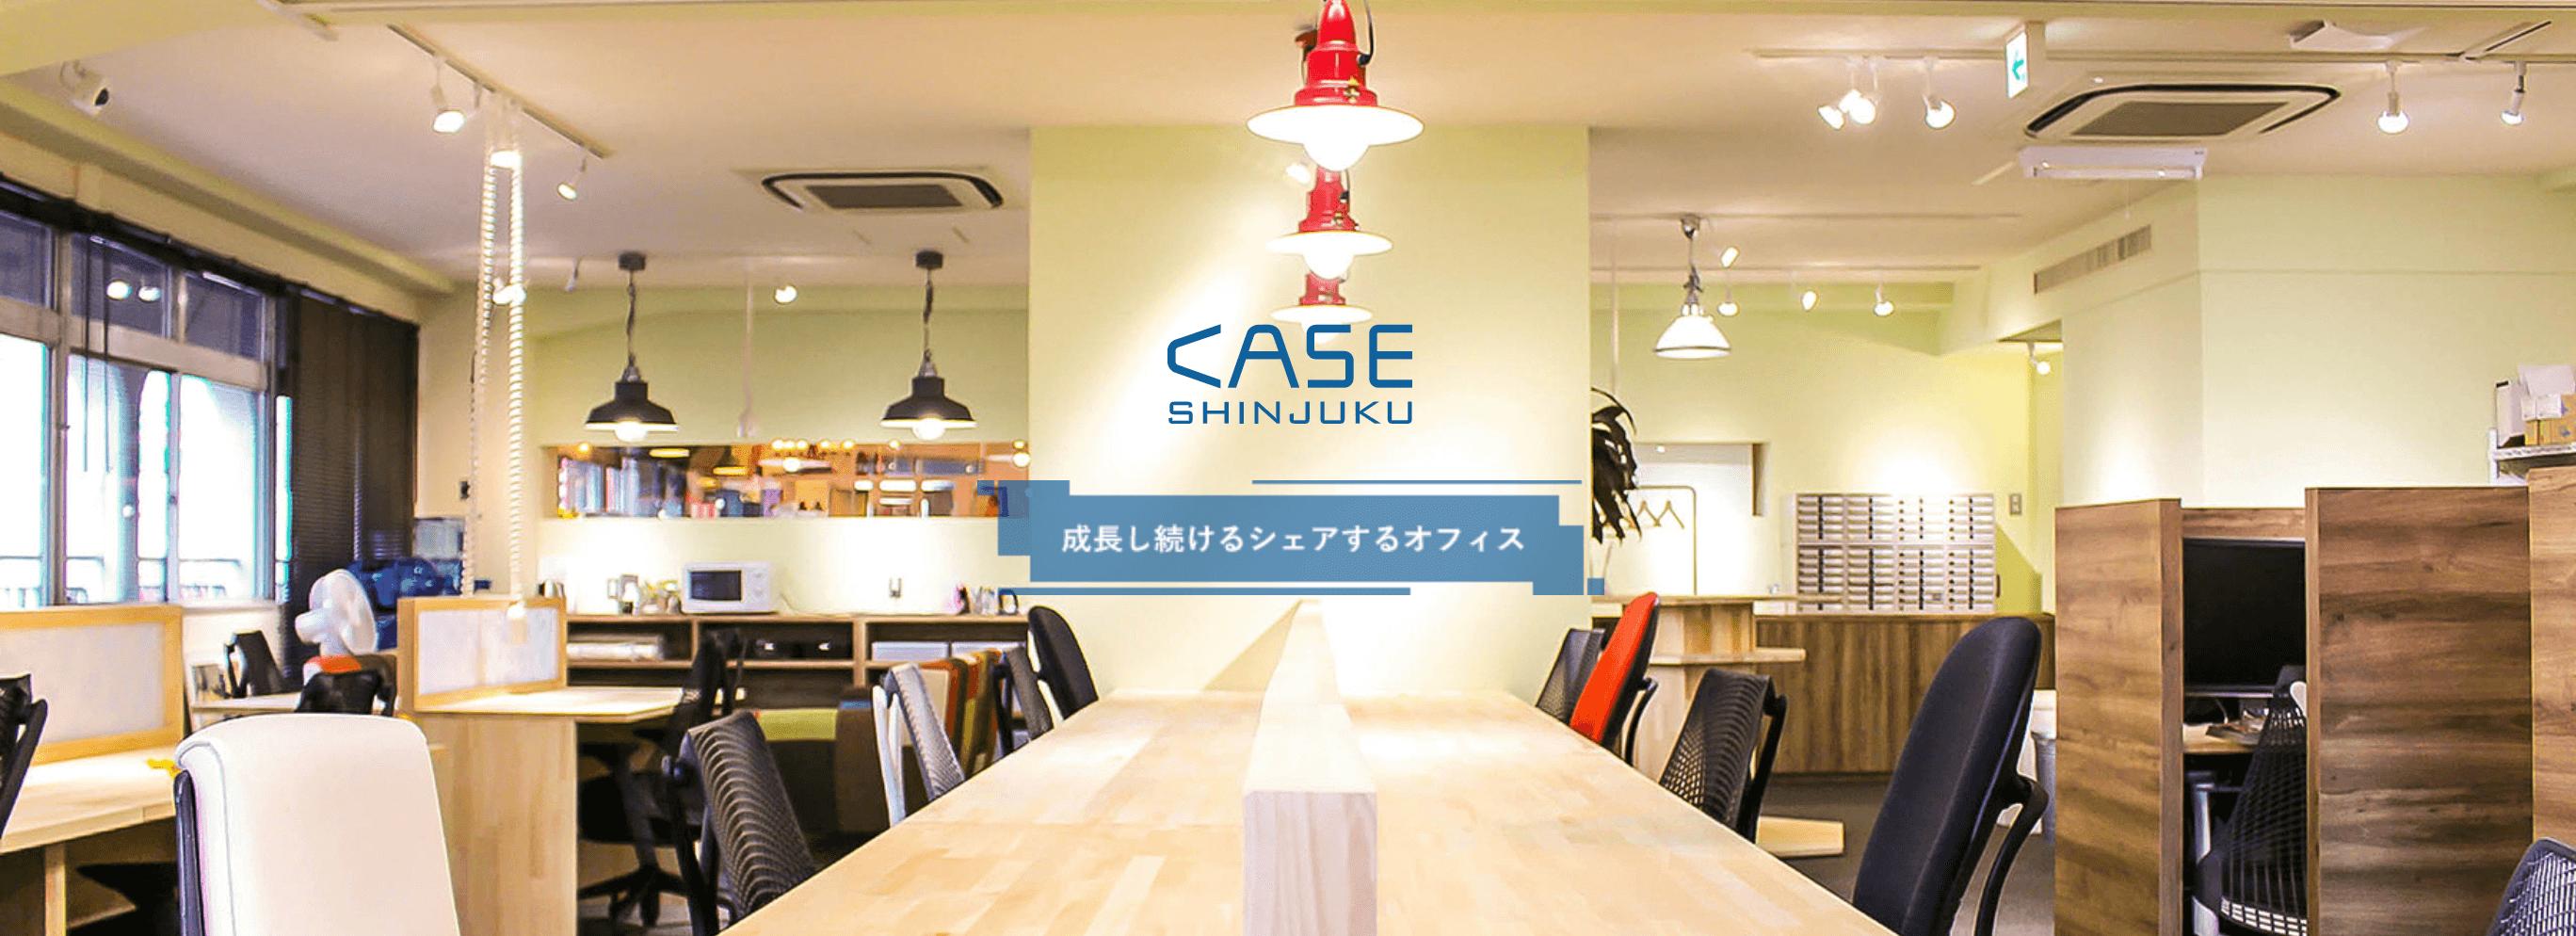 CASE Shinjuku (ケイスシンジュク)